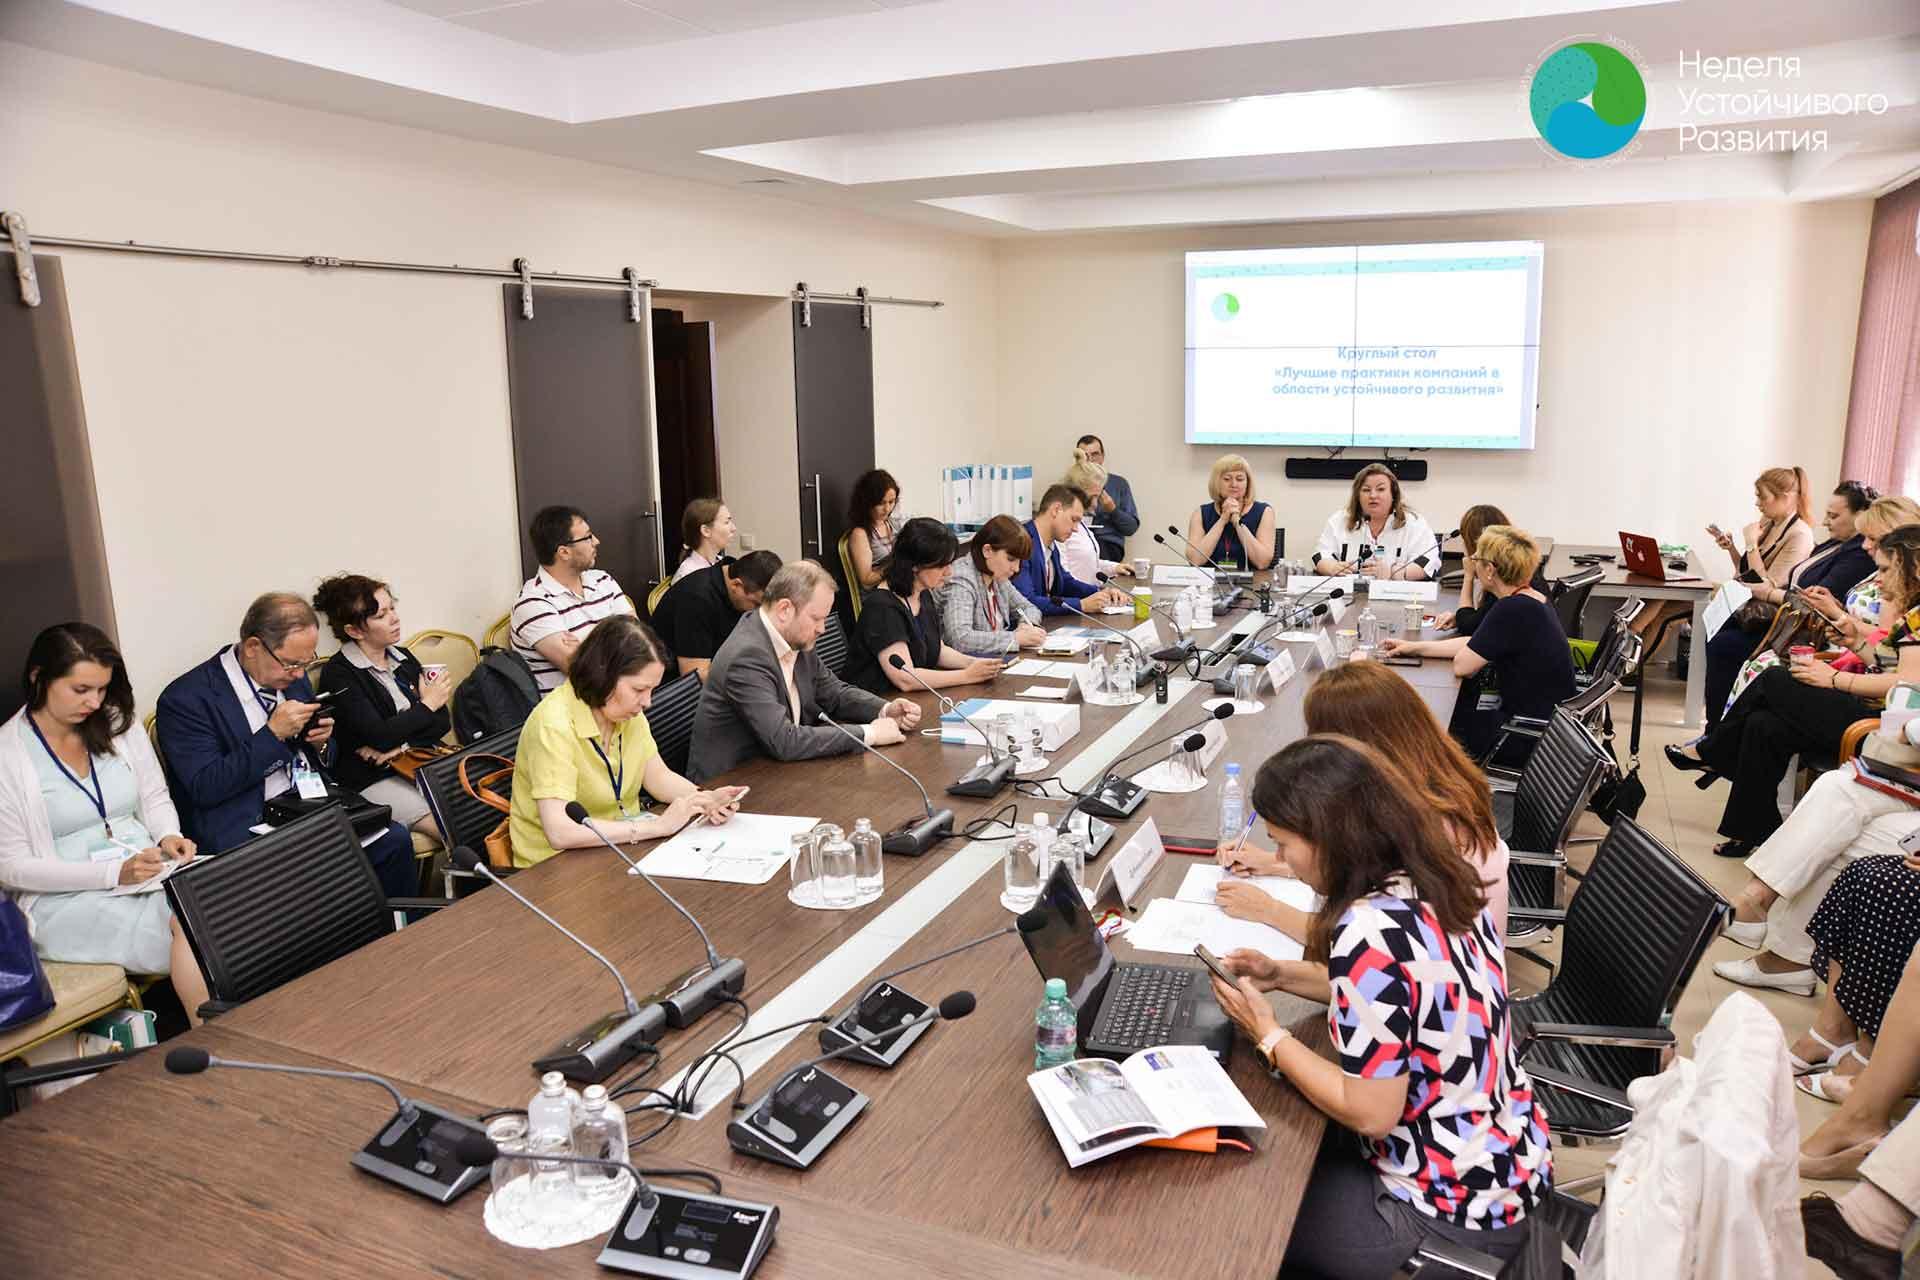 В Москве успешно прошла Неделя Устойчивого Развития 2019